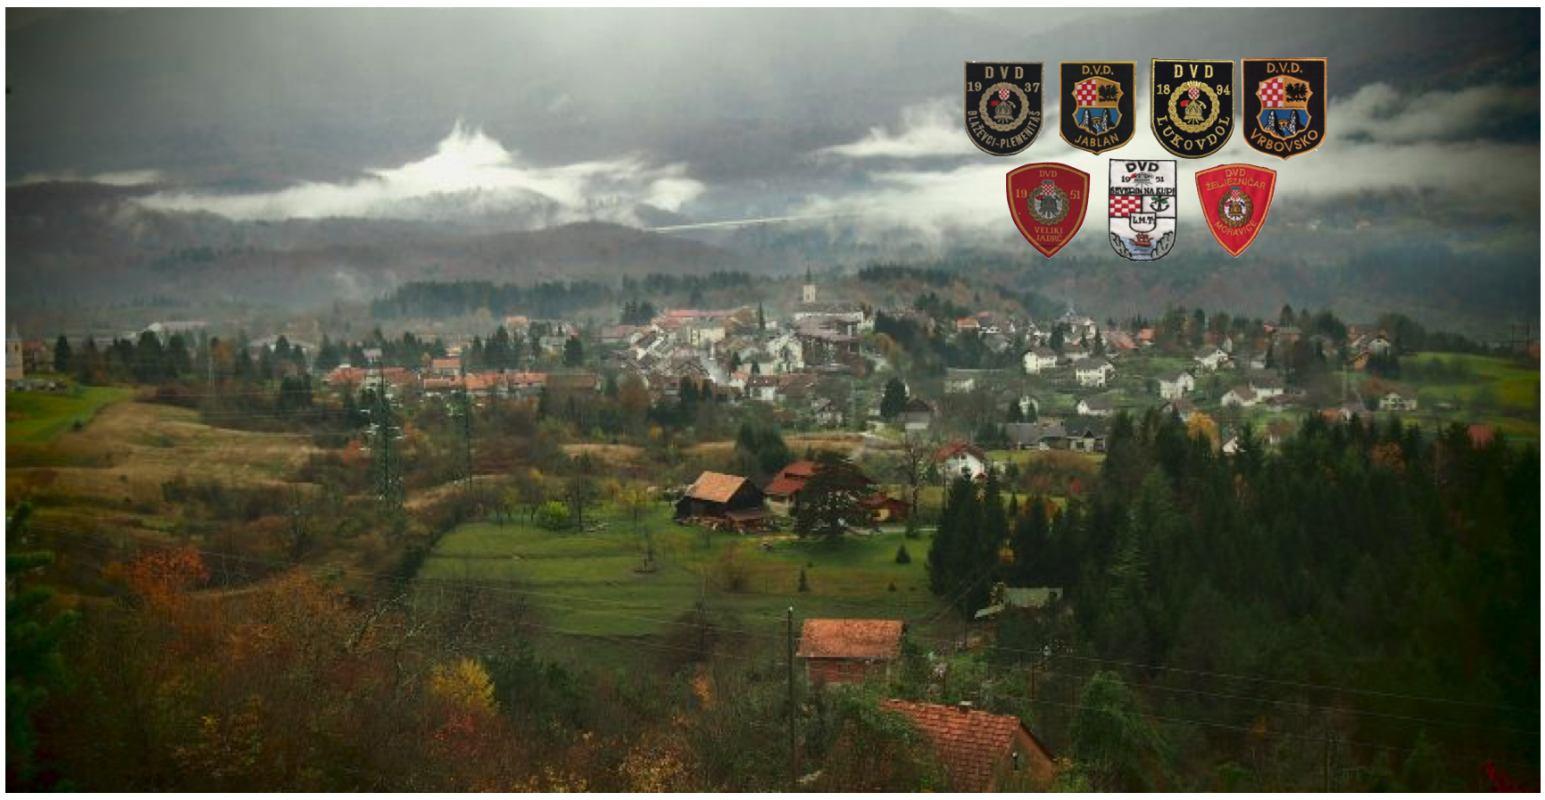 Javni poziv Vatrogasne zajednice Grada Vrbovsko